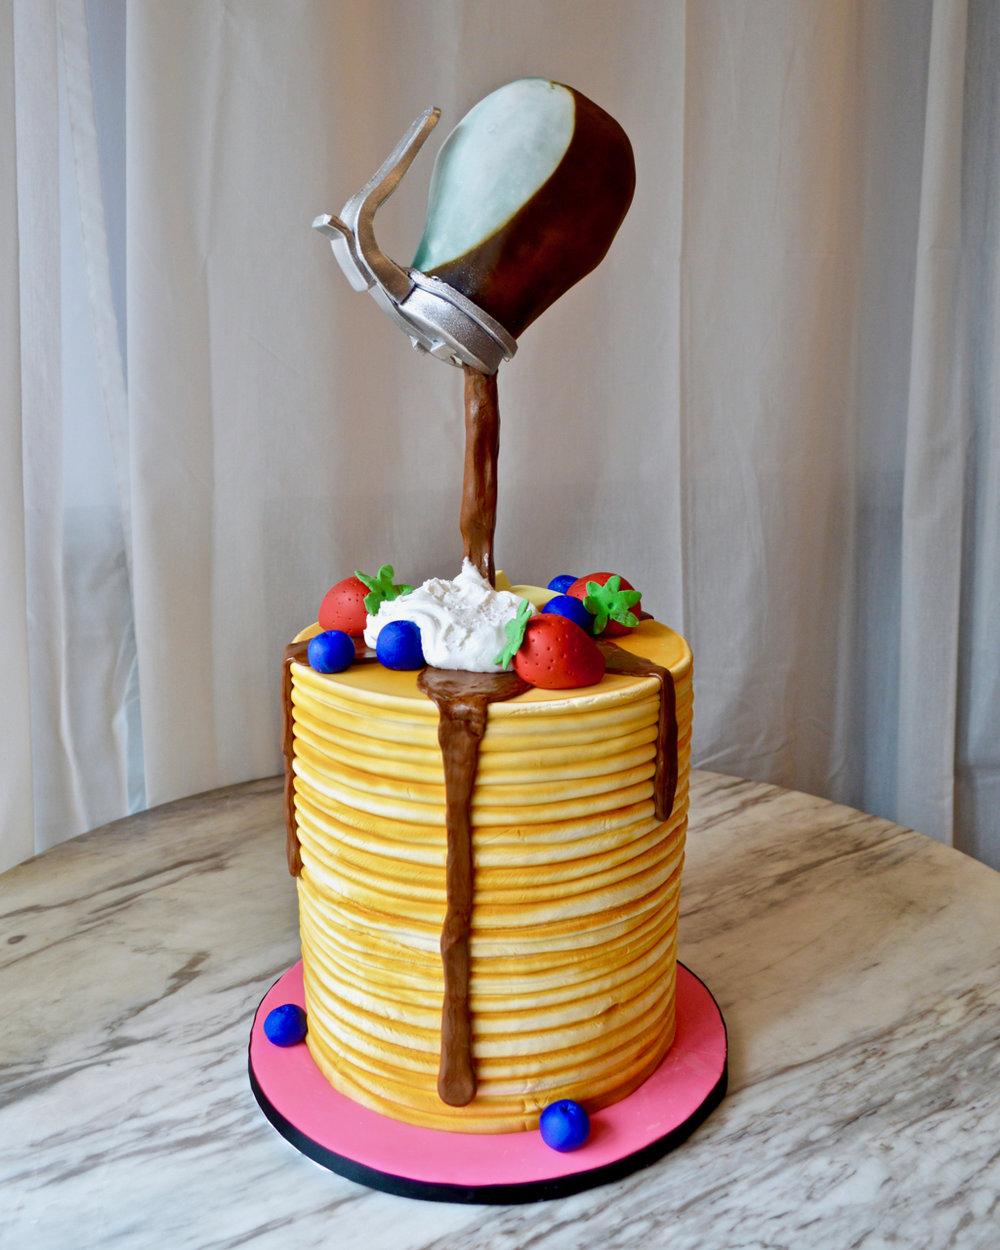 Pancake & Syrup Cake